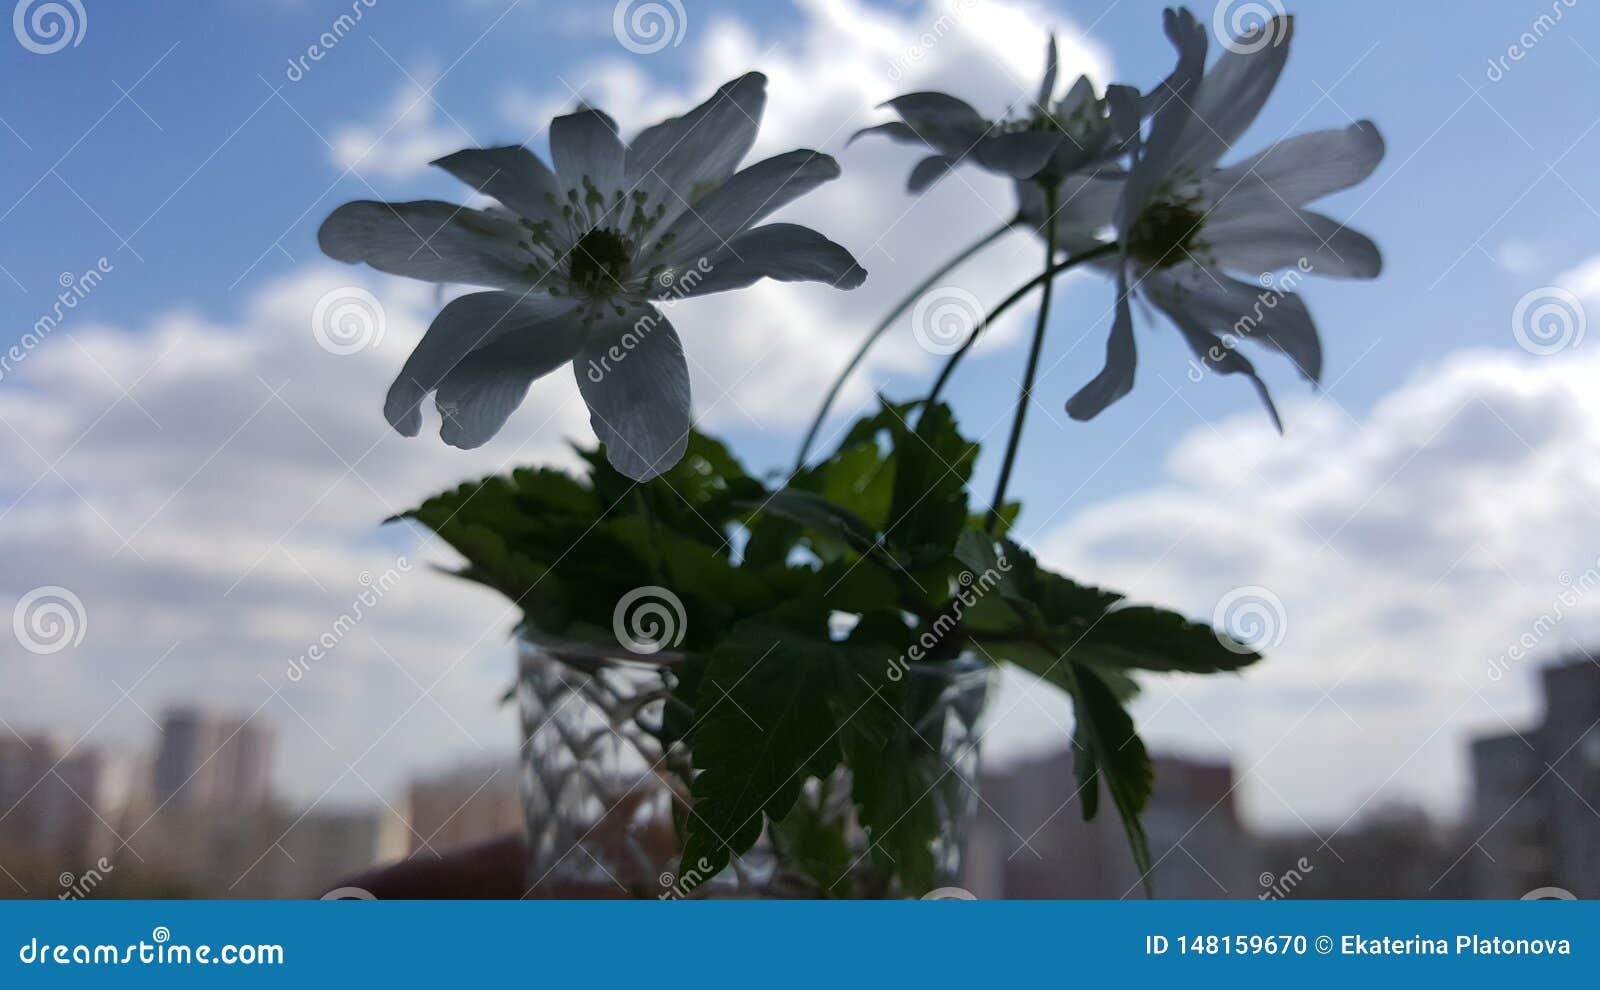 Schneegl?ckchenfr?hlingsblumen Schneegl?ckchen gegen den blauen Himmel Schneegl?ckchennahaufnahme Ein kleiner Blumenstrau? von Sc